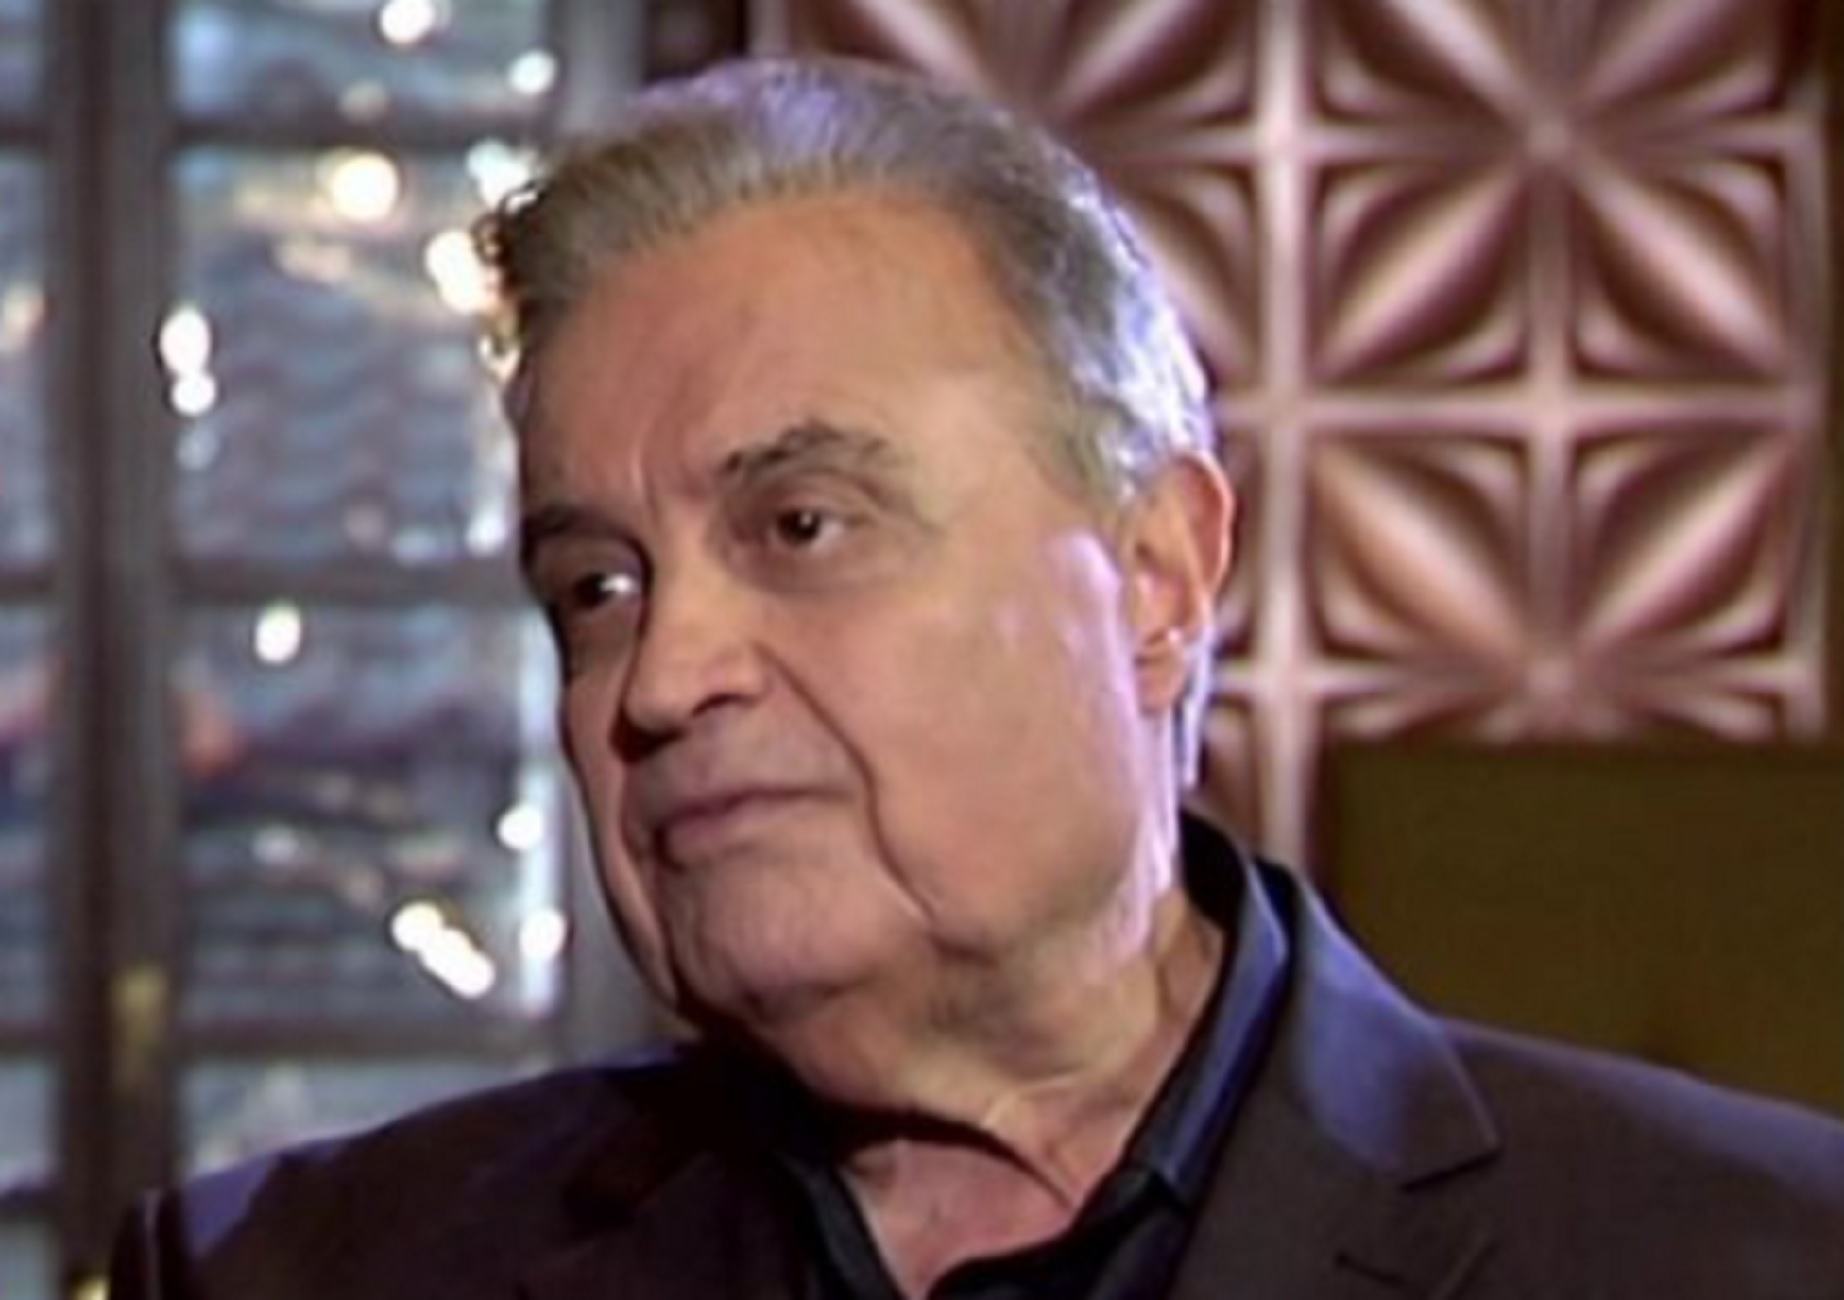 Πέθανε από κορονοϊό ο τραγουδιστής Λευτέρης Μυτιληναίος – Το «διαμάντι» που ερμήνευσε και η τελευταία του εξομολόγηση (video)